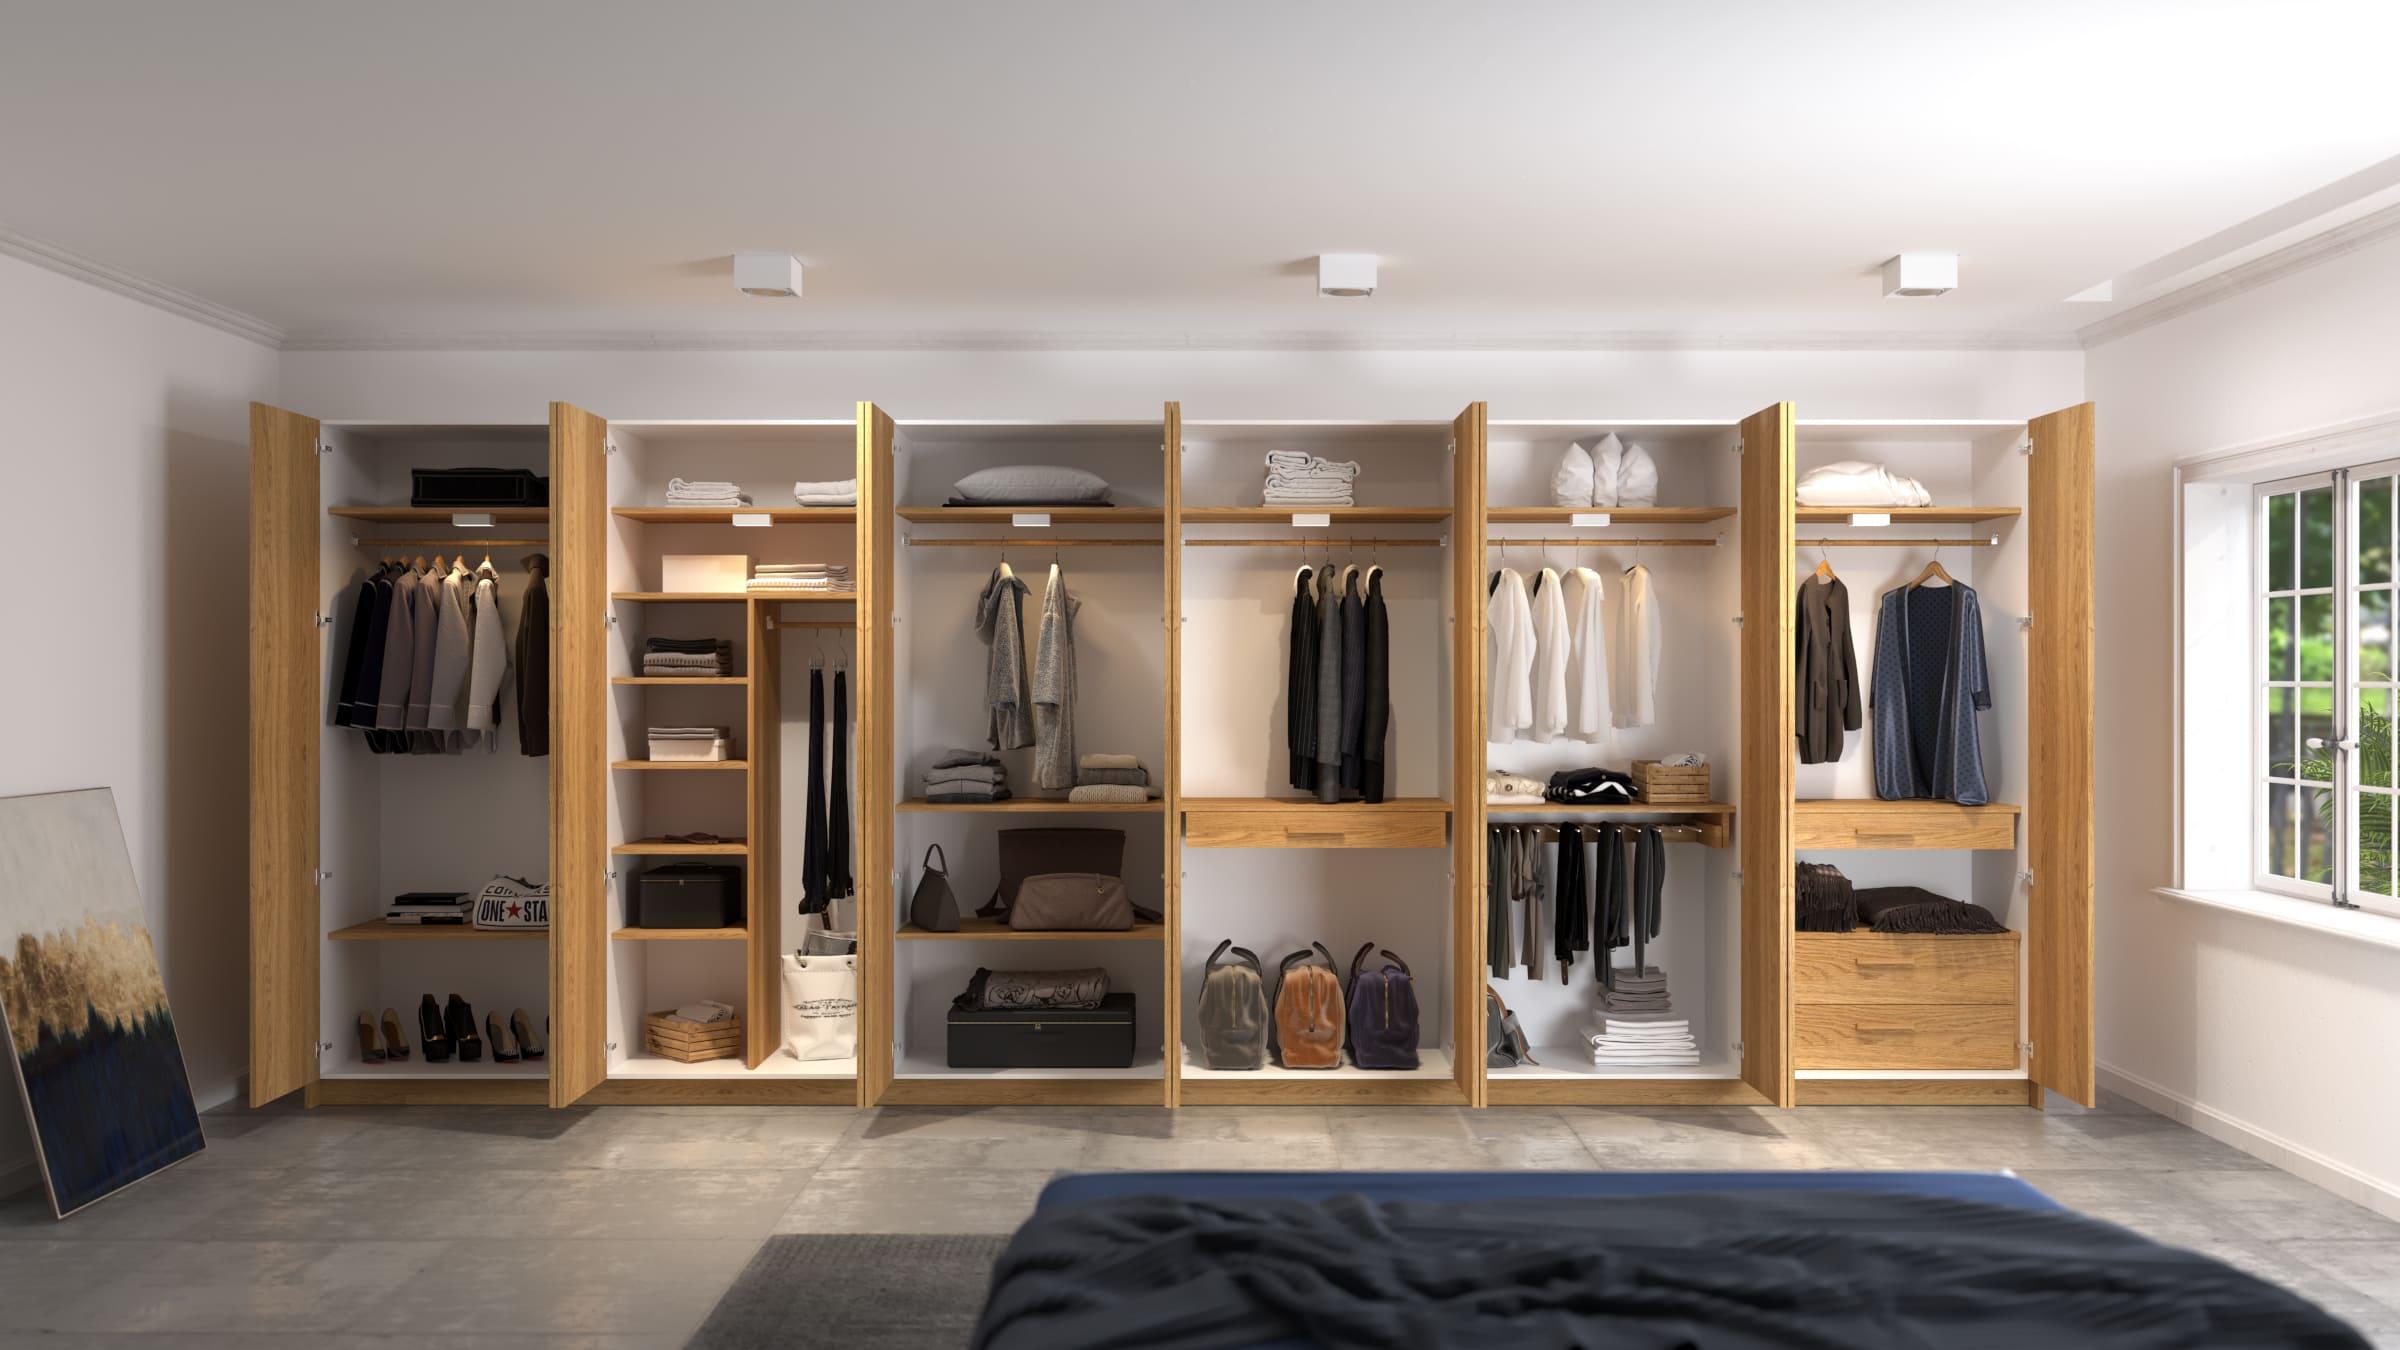 Ưu điểm của tủ quần áo lắp ráp bằng gỗ